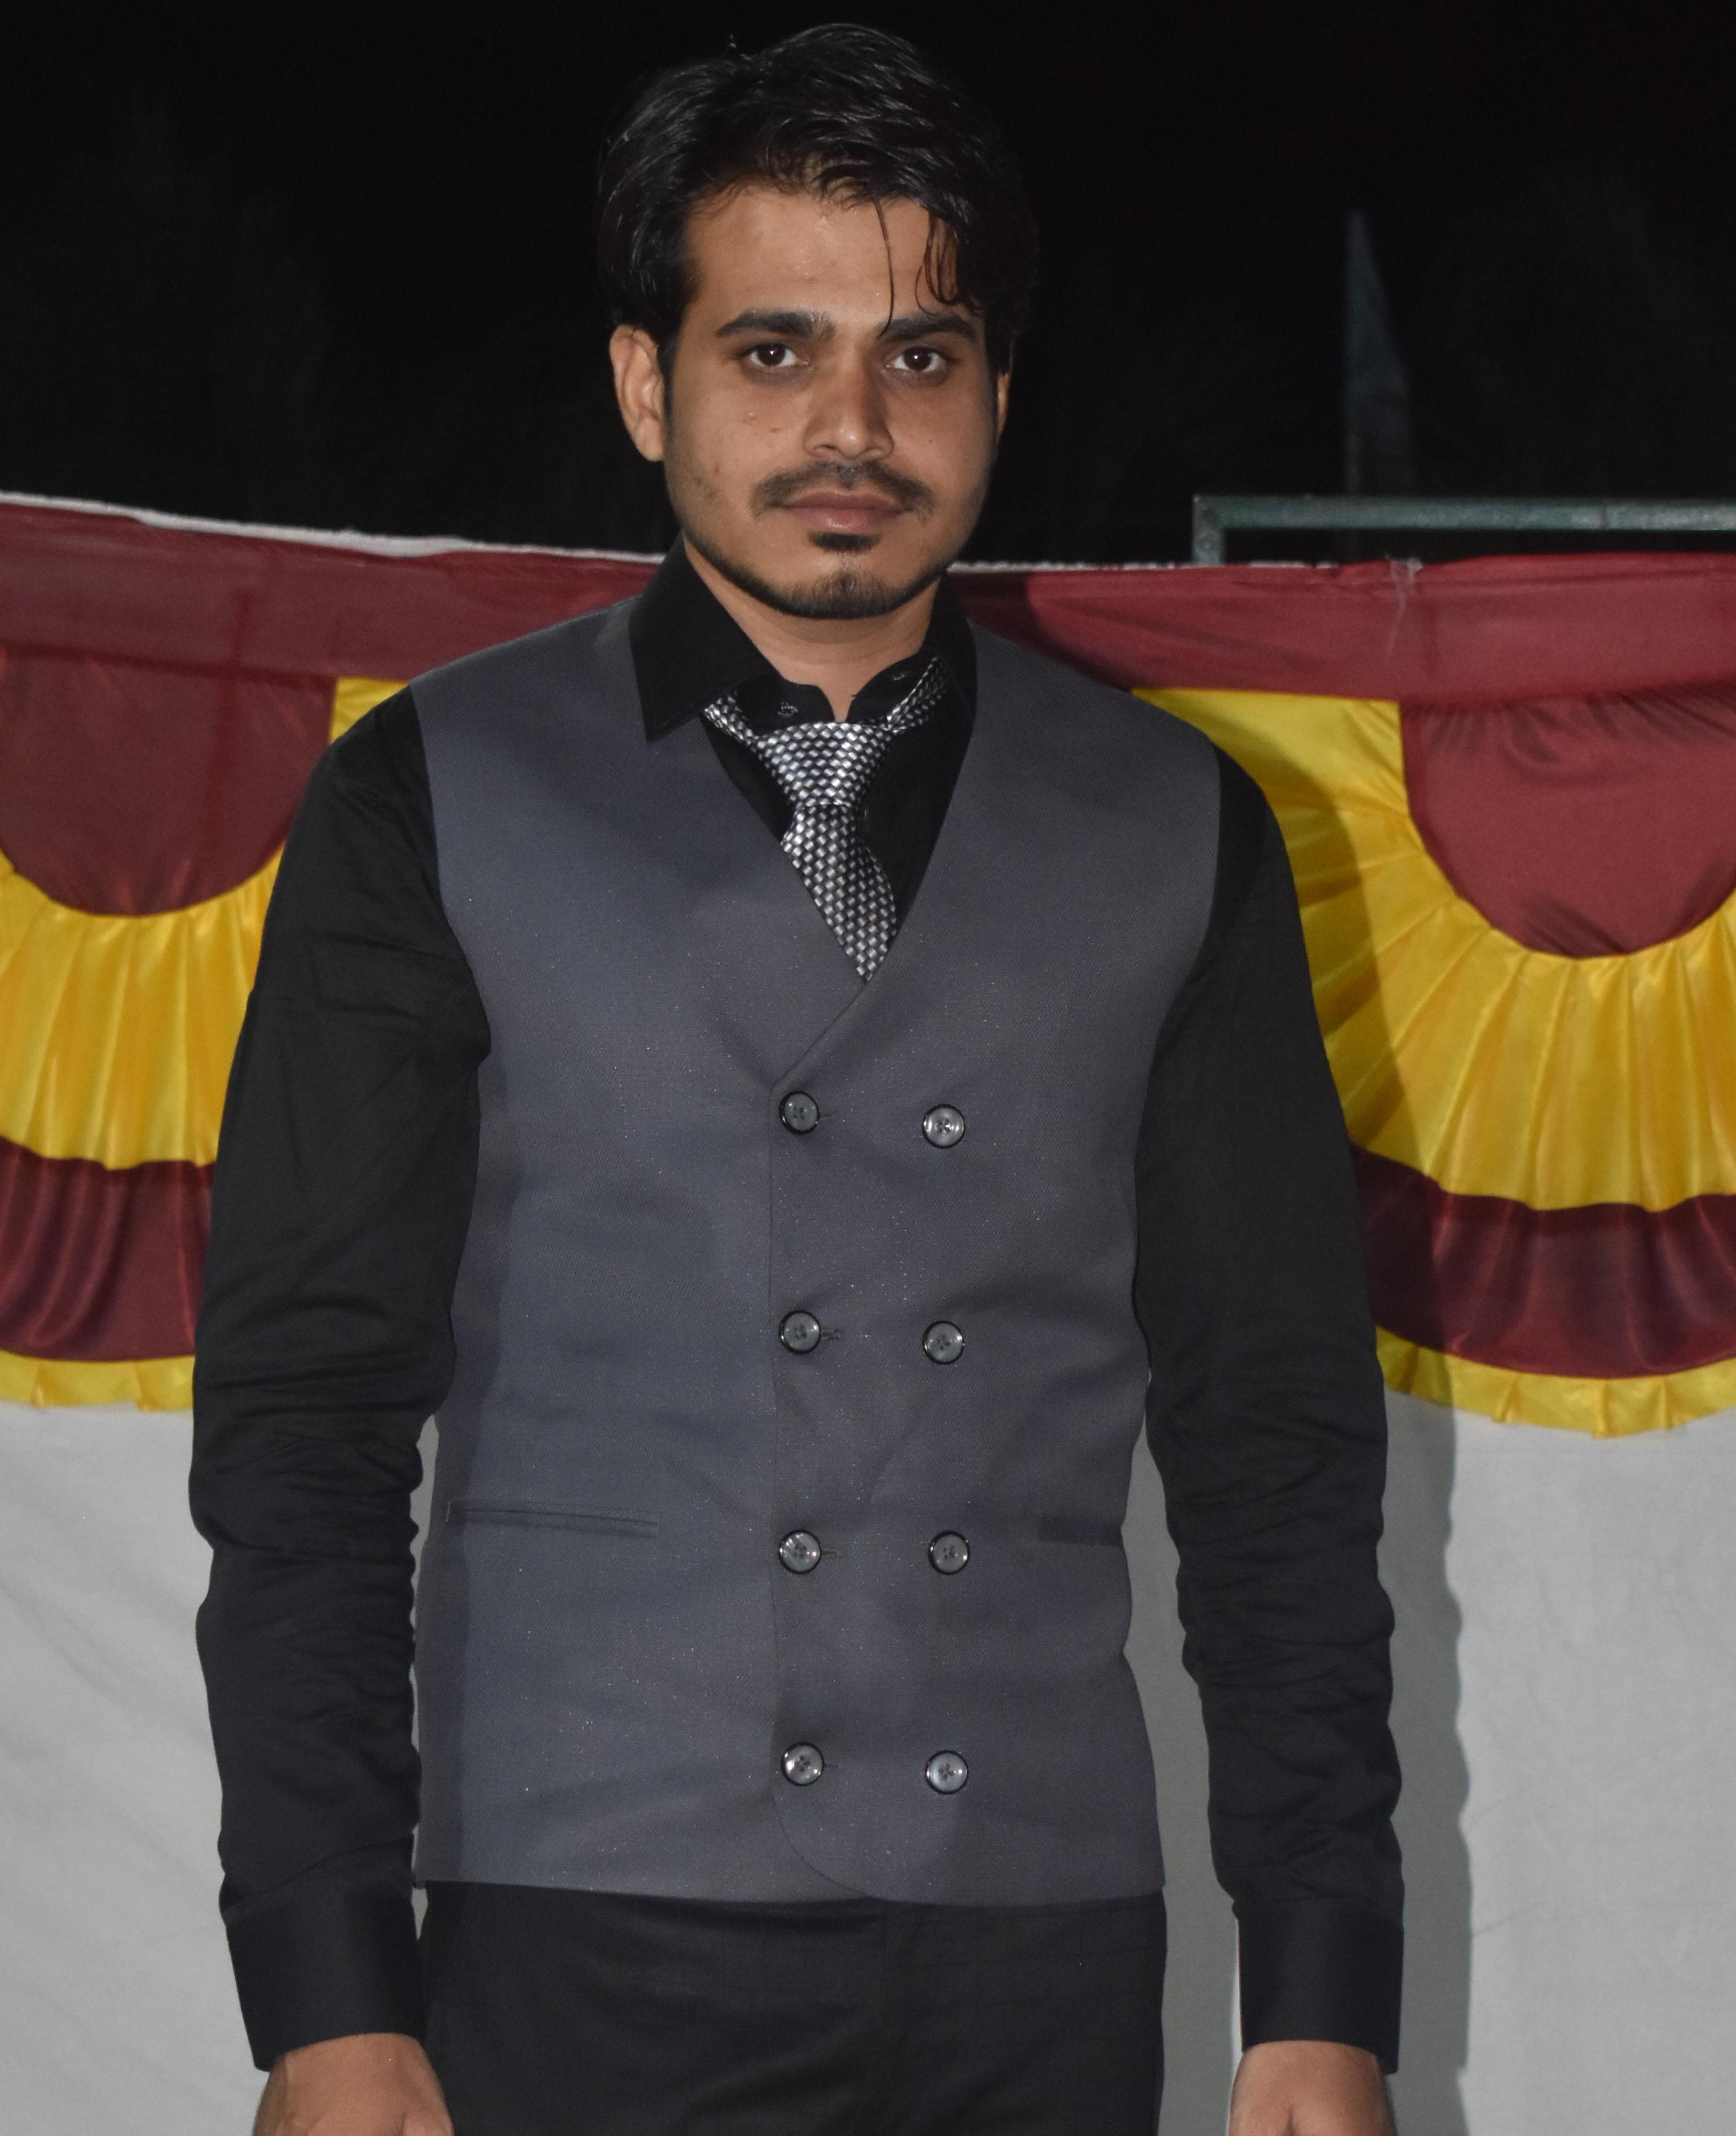 Ehsan Ahamd